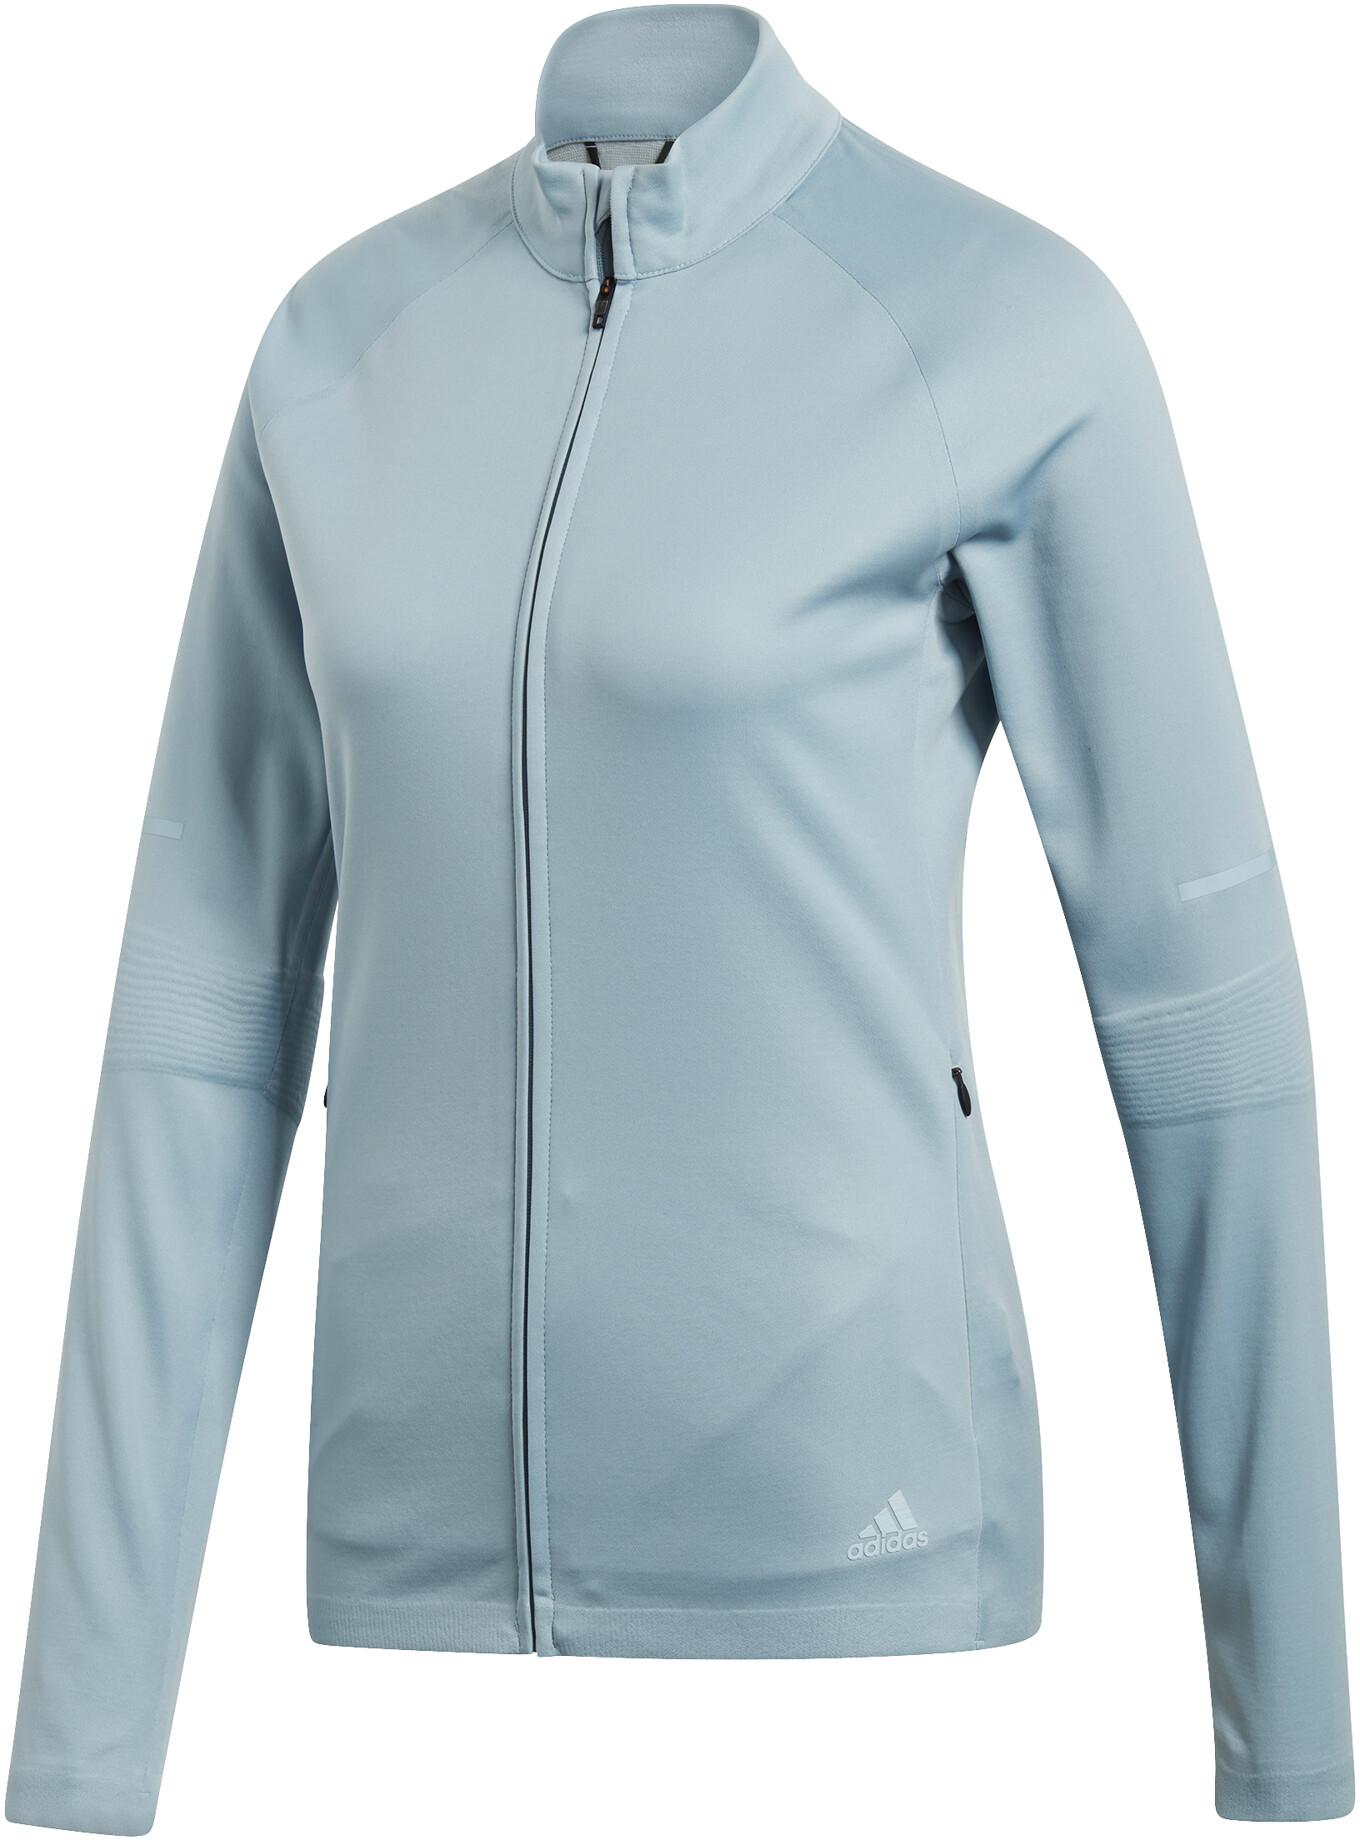 29a65865ef adidas PHX - Veste course à pied Femme - bleu - Boutique de vélos en ...